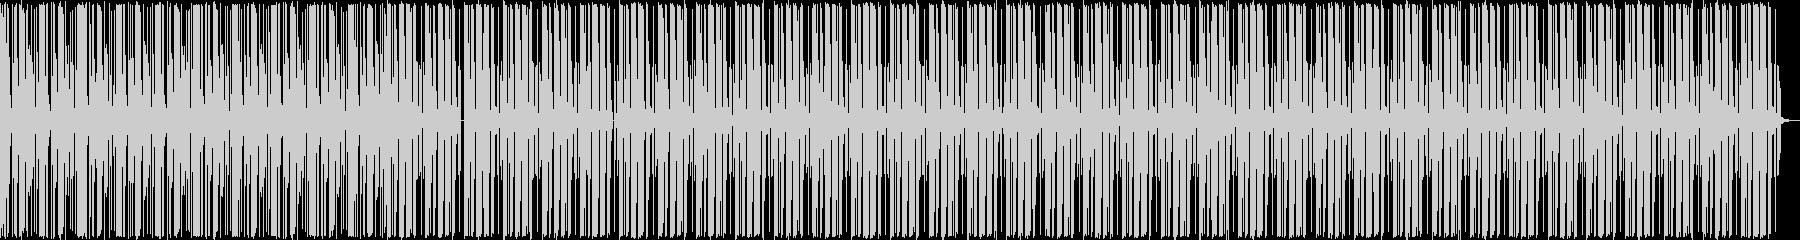 【ピアノ抜き】ピアノとドラム主体のテクノの未再生の波形